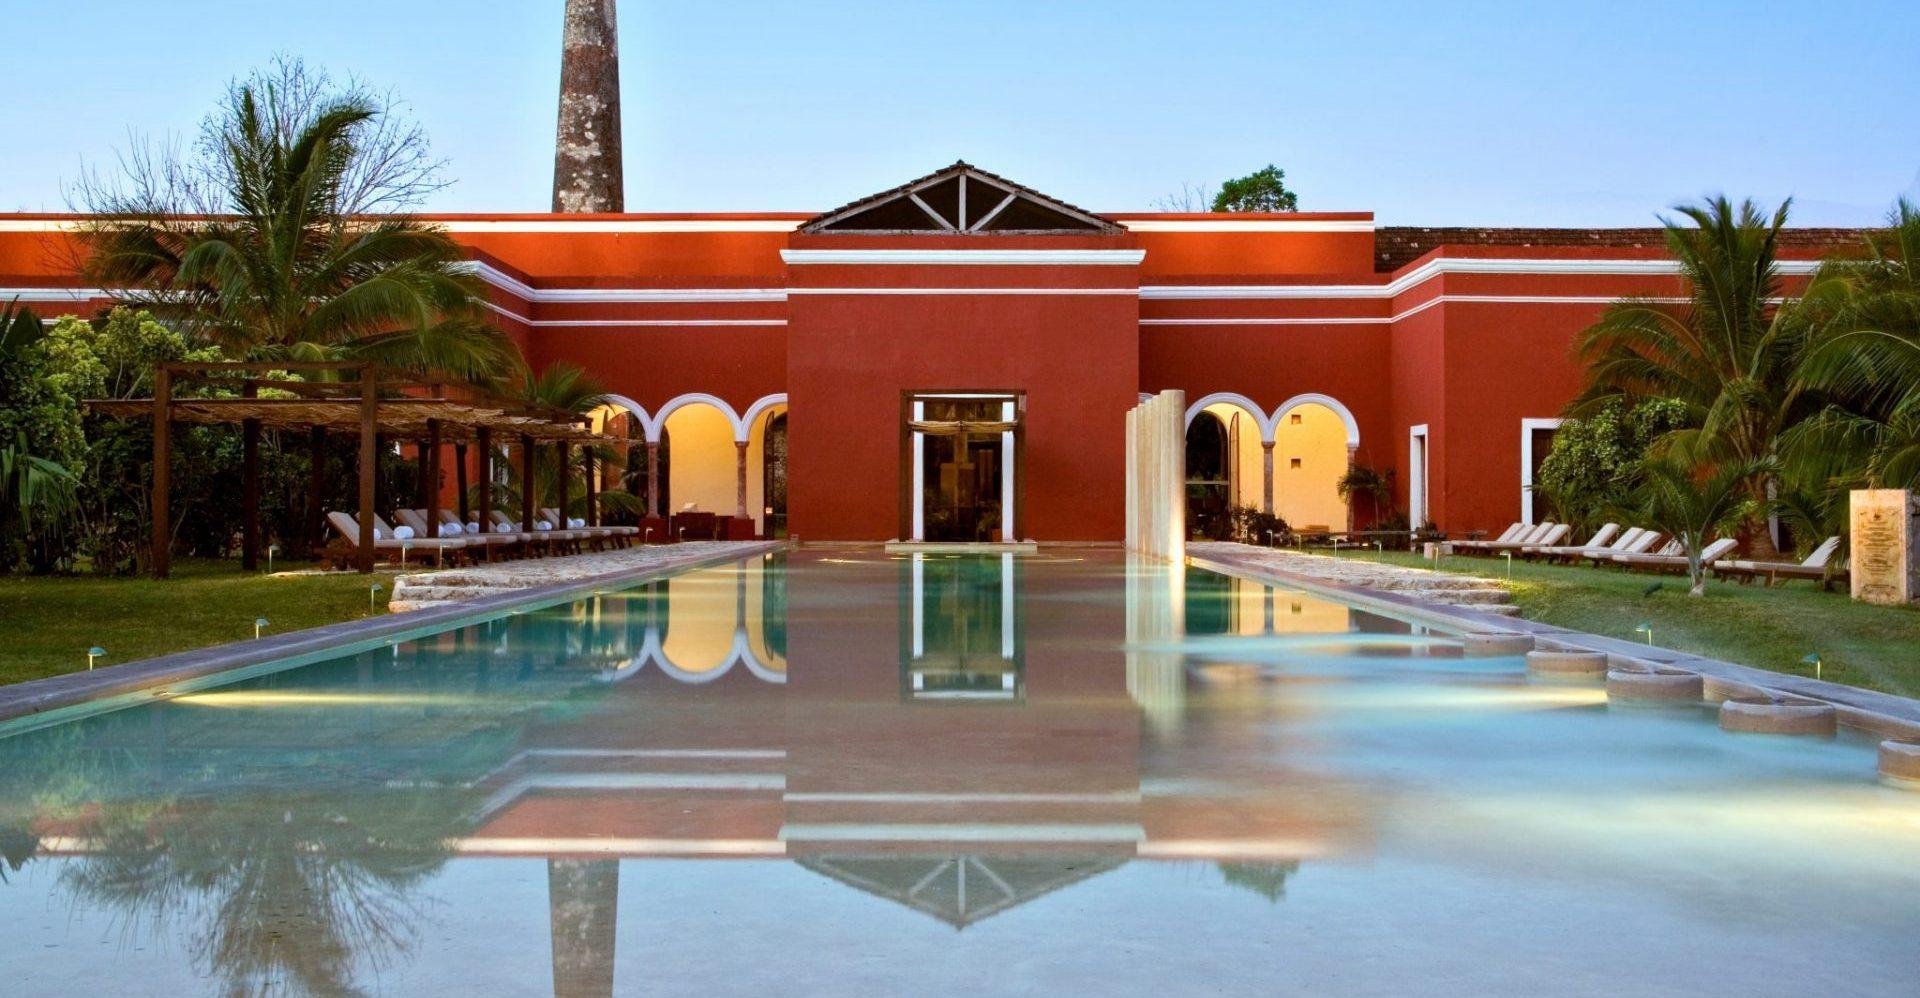 Mexiko, Hacienda Temozon, Pool, Latin America Tours, Reisen